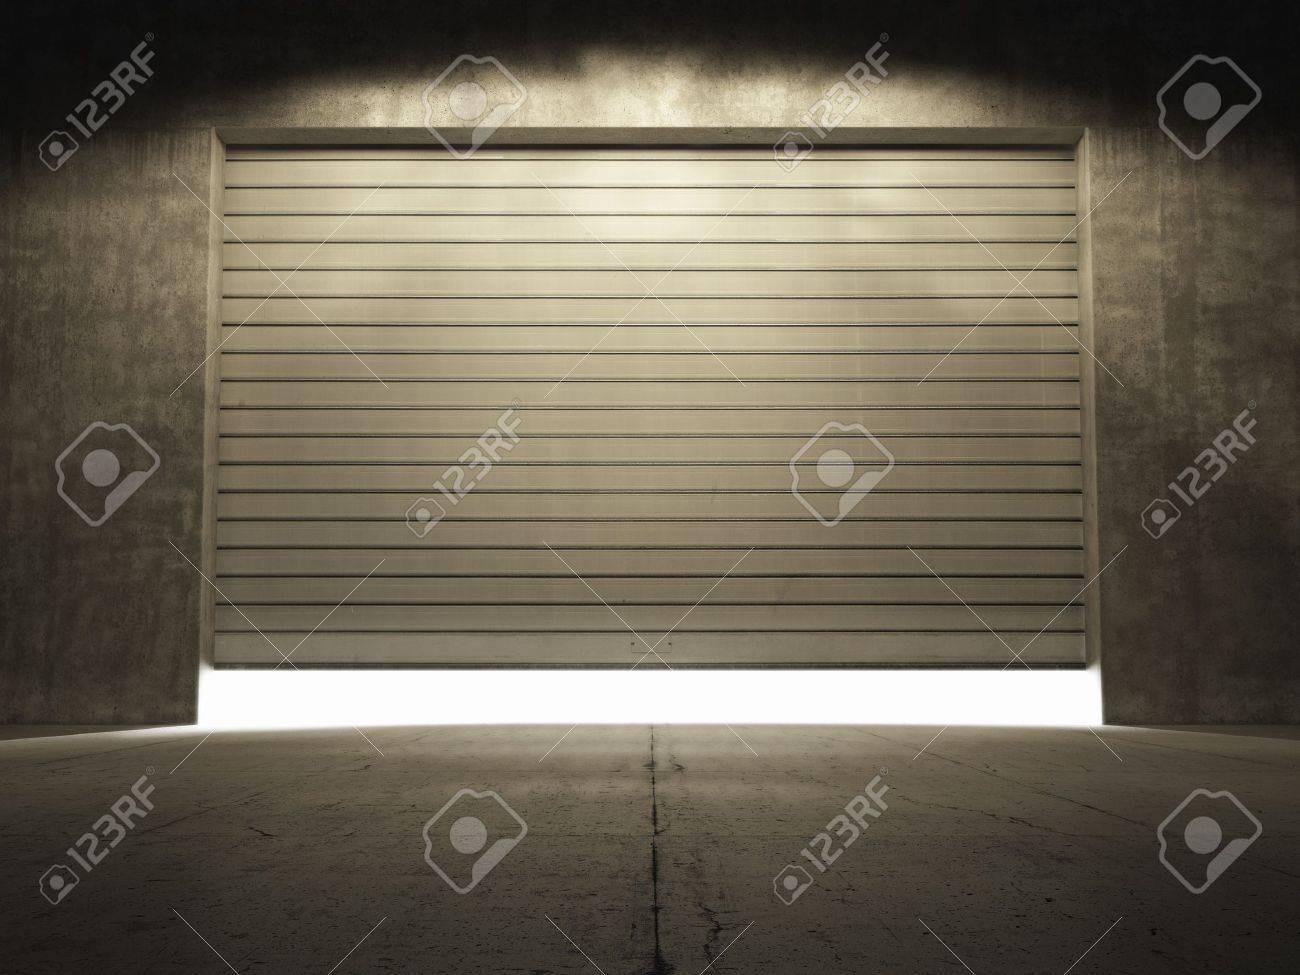 スポット ライトを照らすドアをロールで汚れたコンクリートの建物